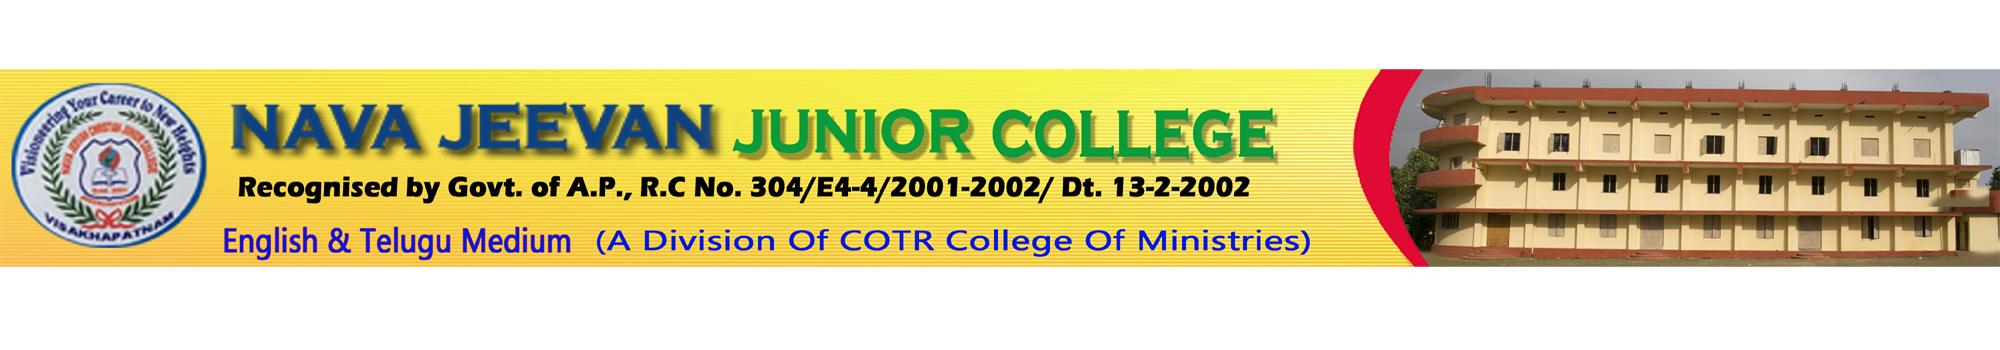 Navajeevan Junior College